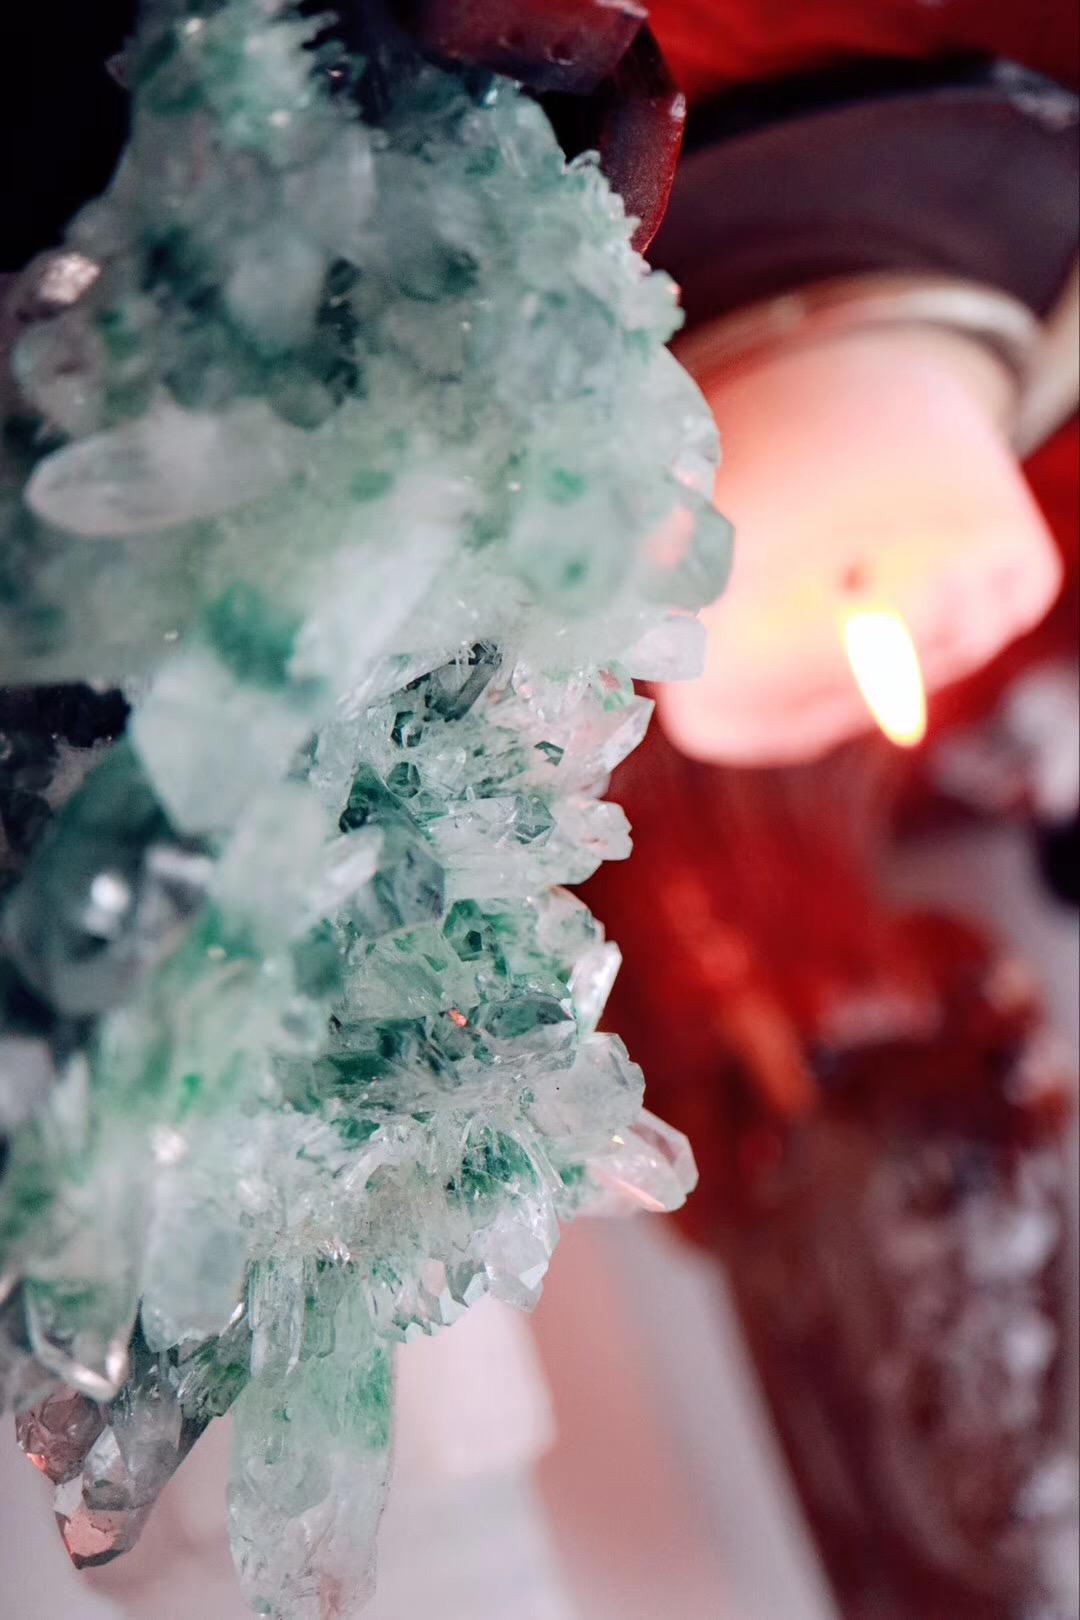 【绿幽灵晶簇】有助于缓解压力,消除紧张、焦虑等负面情绪-菩心晶舍